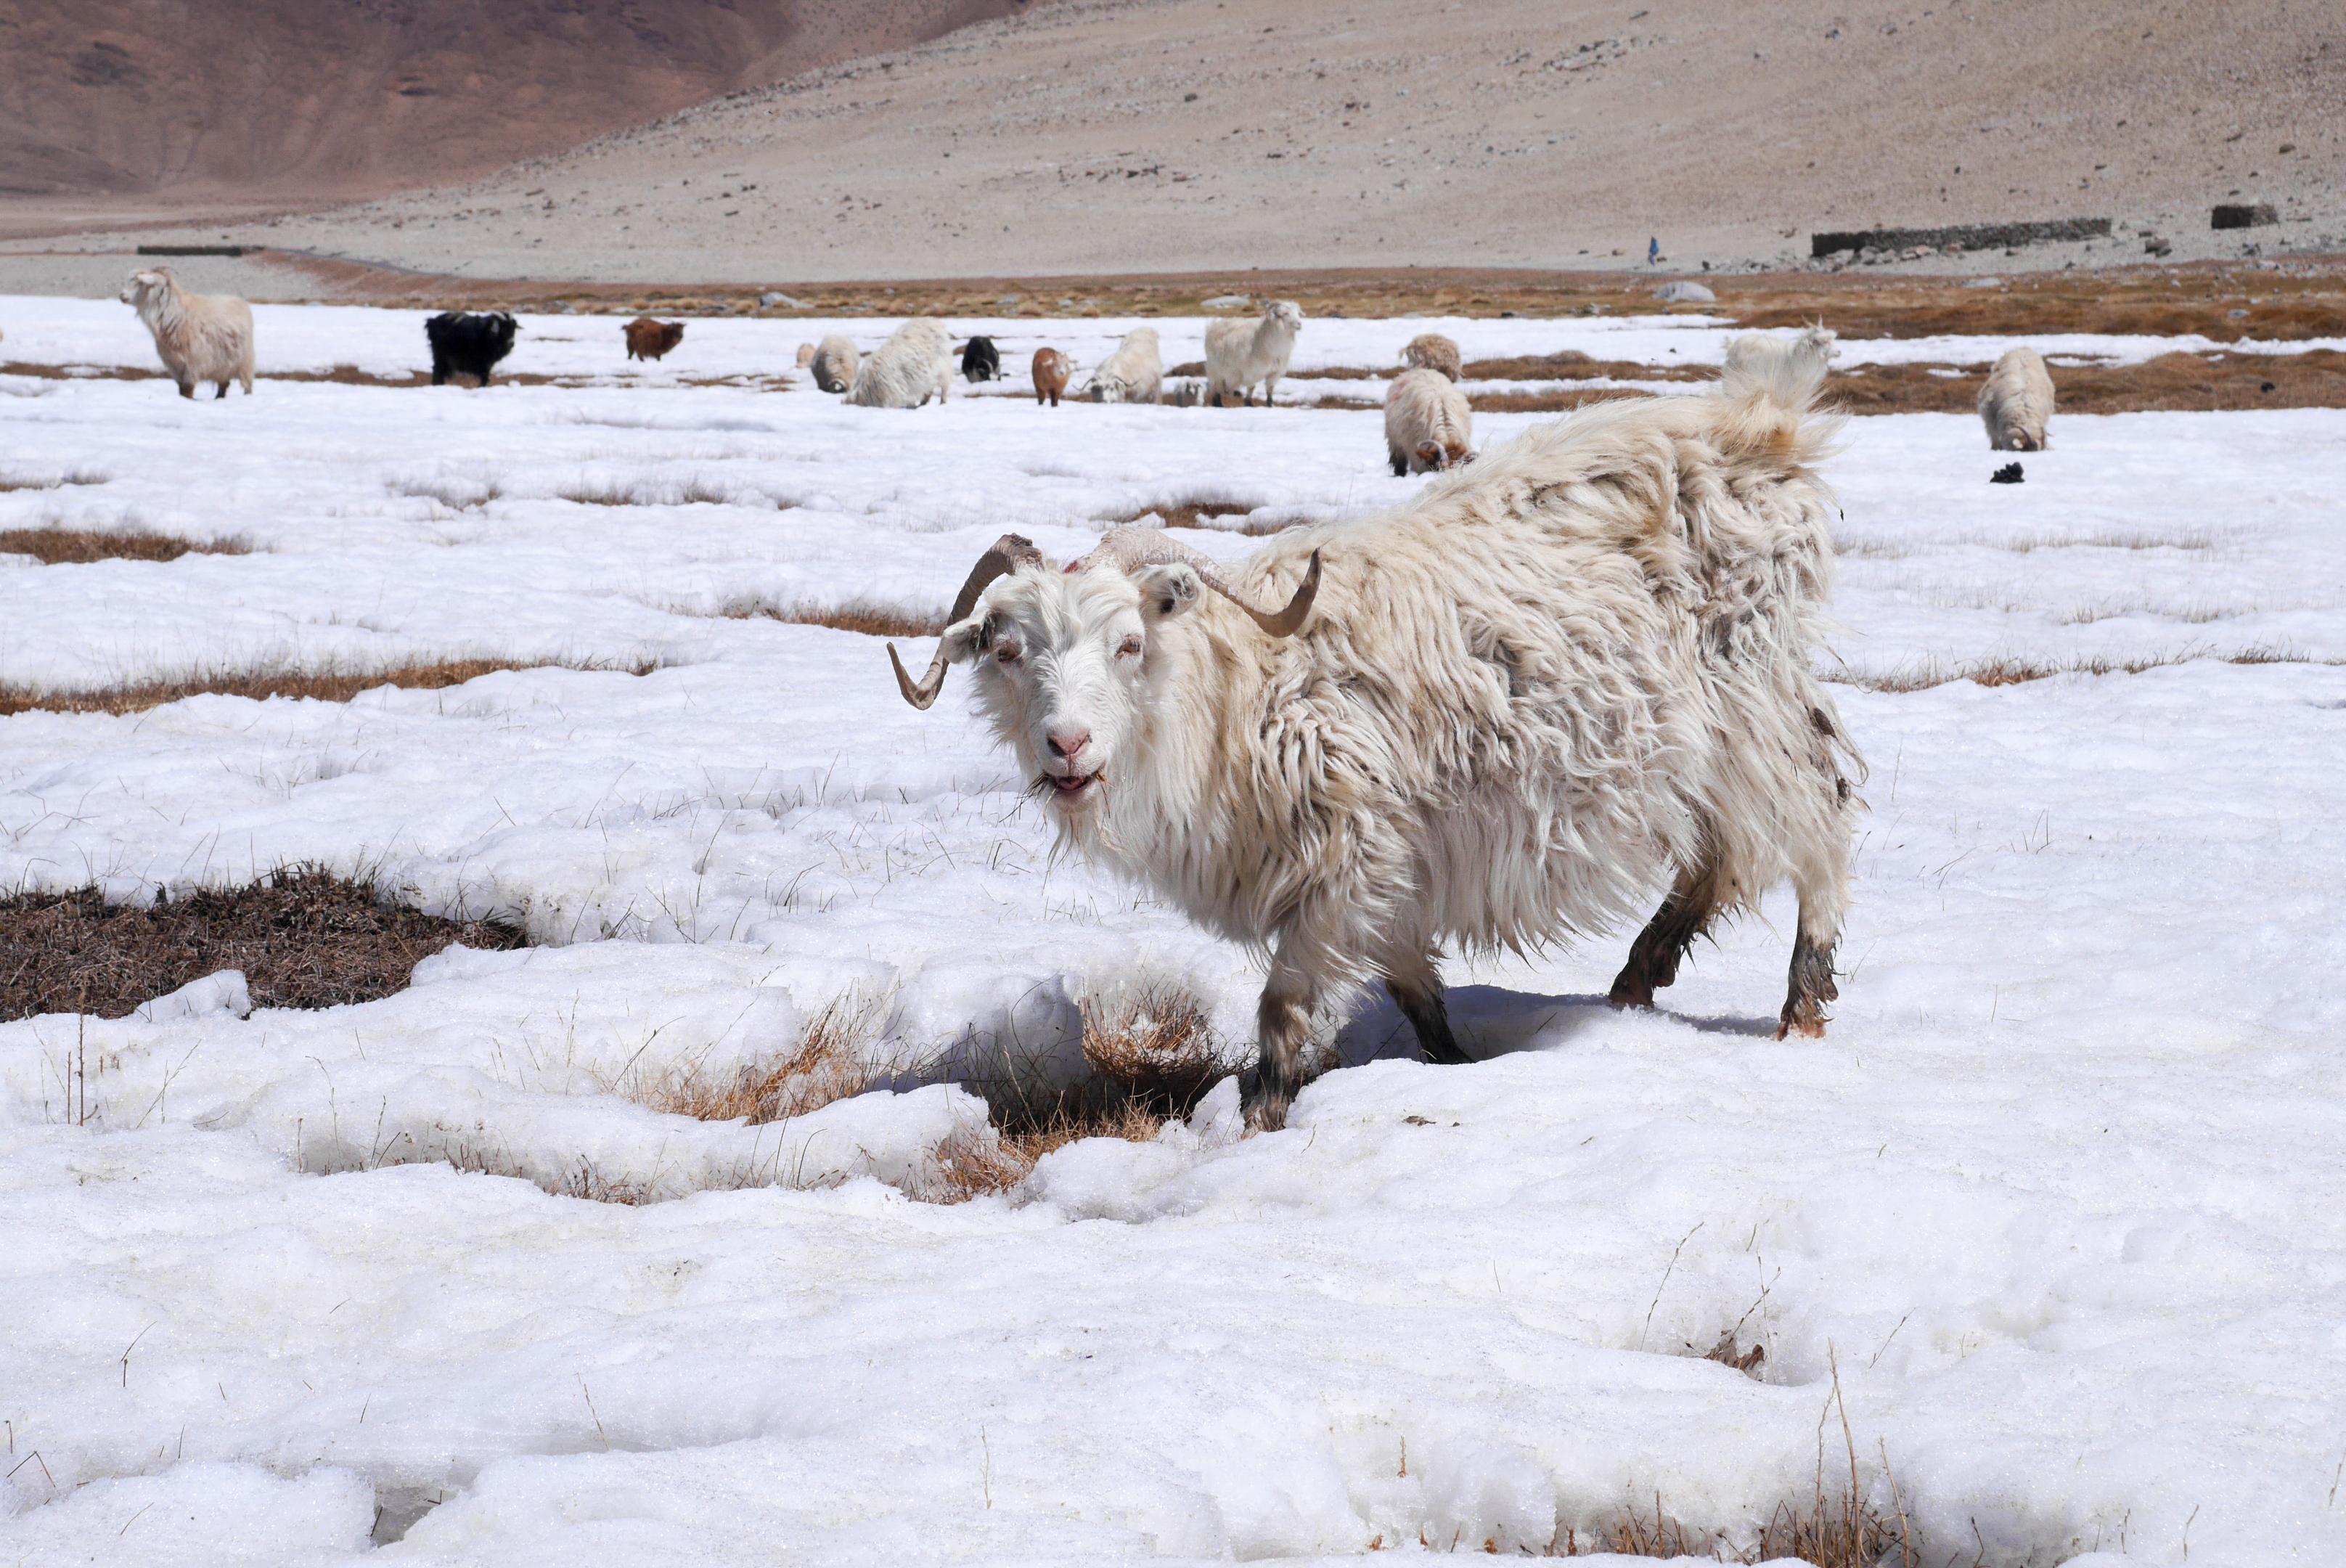 Kašmírských koz ubývá